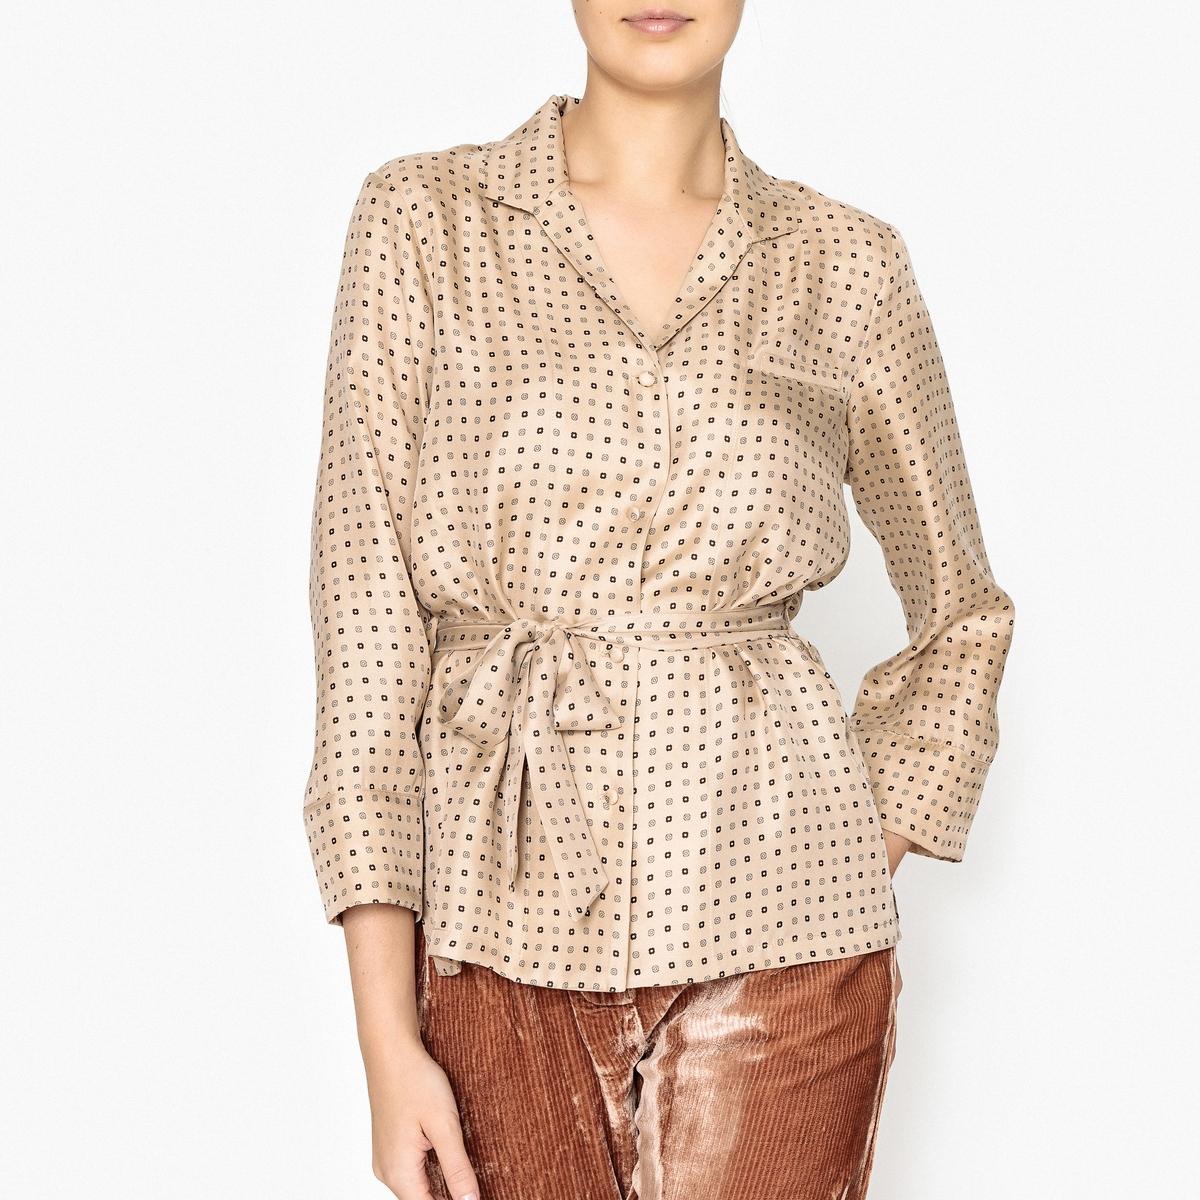 Рубашка шелковая с рисунком TWILIGHTРубашка средней длины с длинными рукавами MES DEMOISELLES - модель TWILIGHT с рубашечным воротником и завязками на поясе.Детали •  Длинные рукава •  Покрой свободный •  Рисунок-принтСостав и уход •  100% шелк •  Следуйте советам по уходу, указанным на этикетке<br><br>Цвет: бежевый